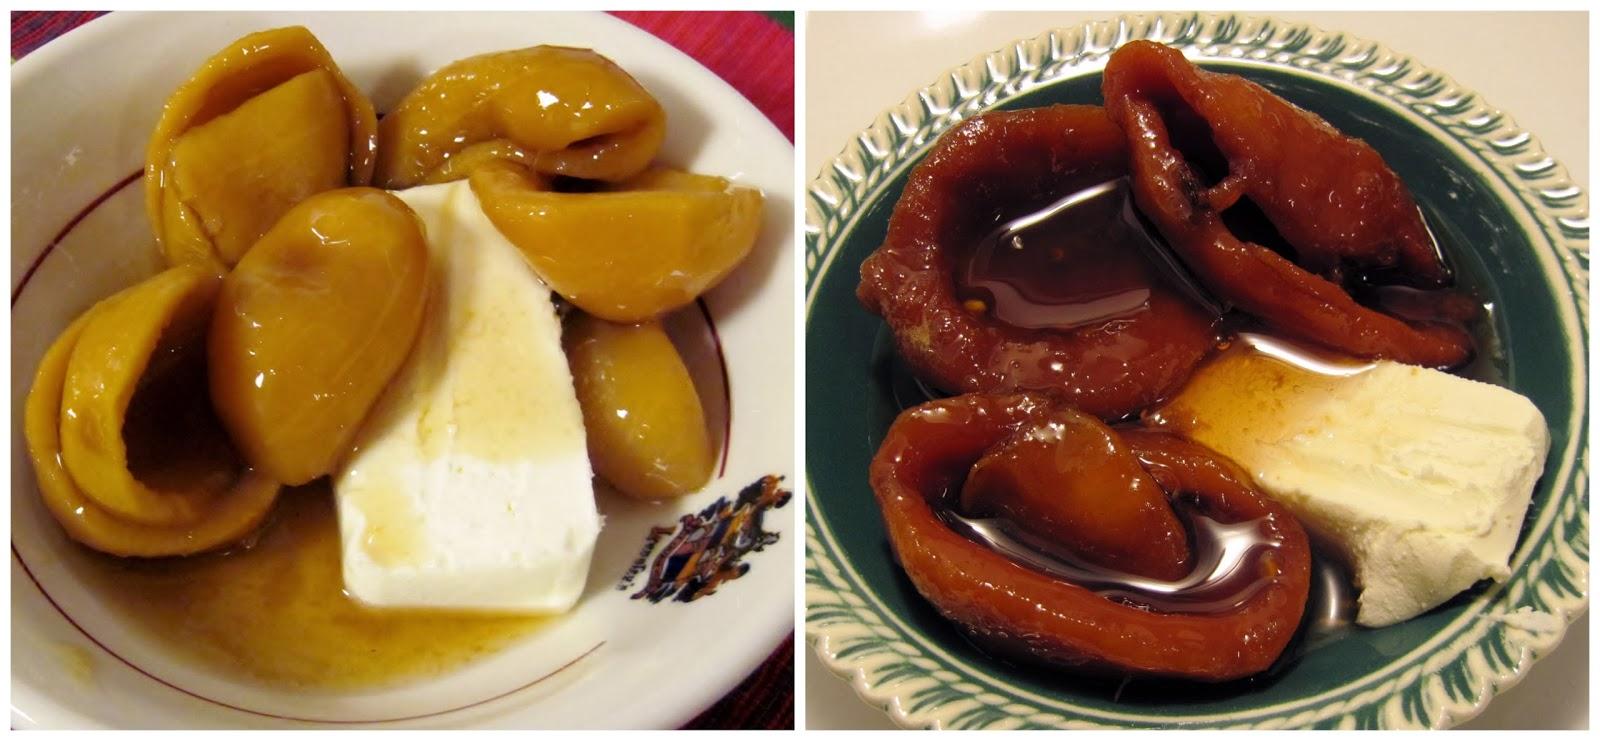 Cascos de guayaba con queso crema